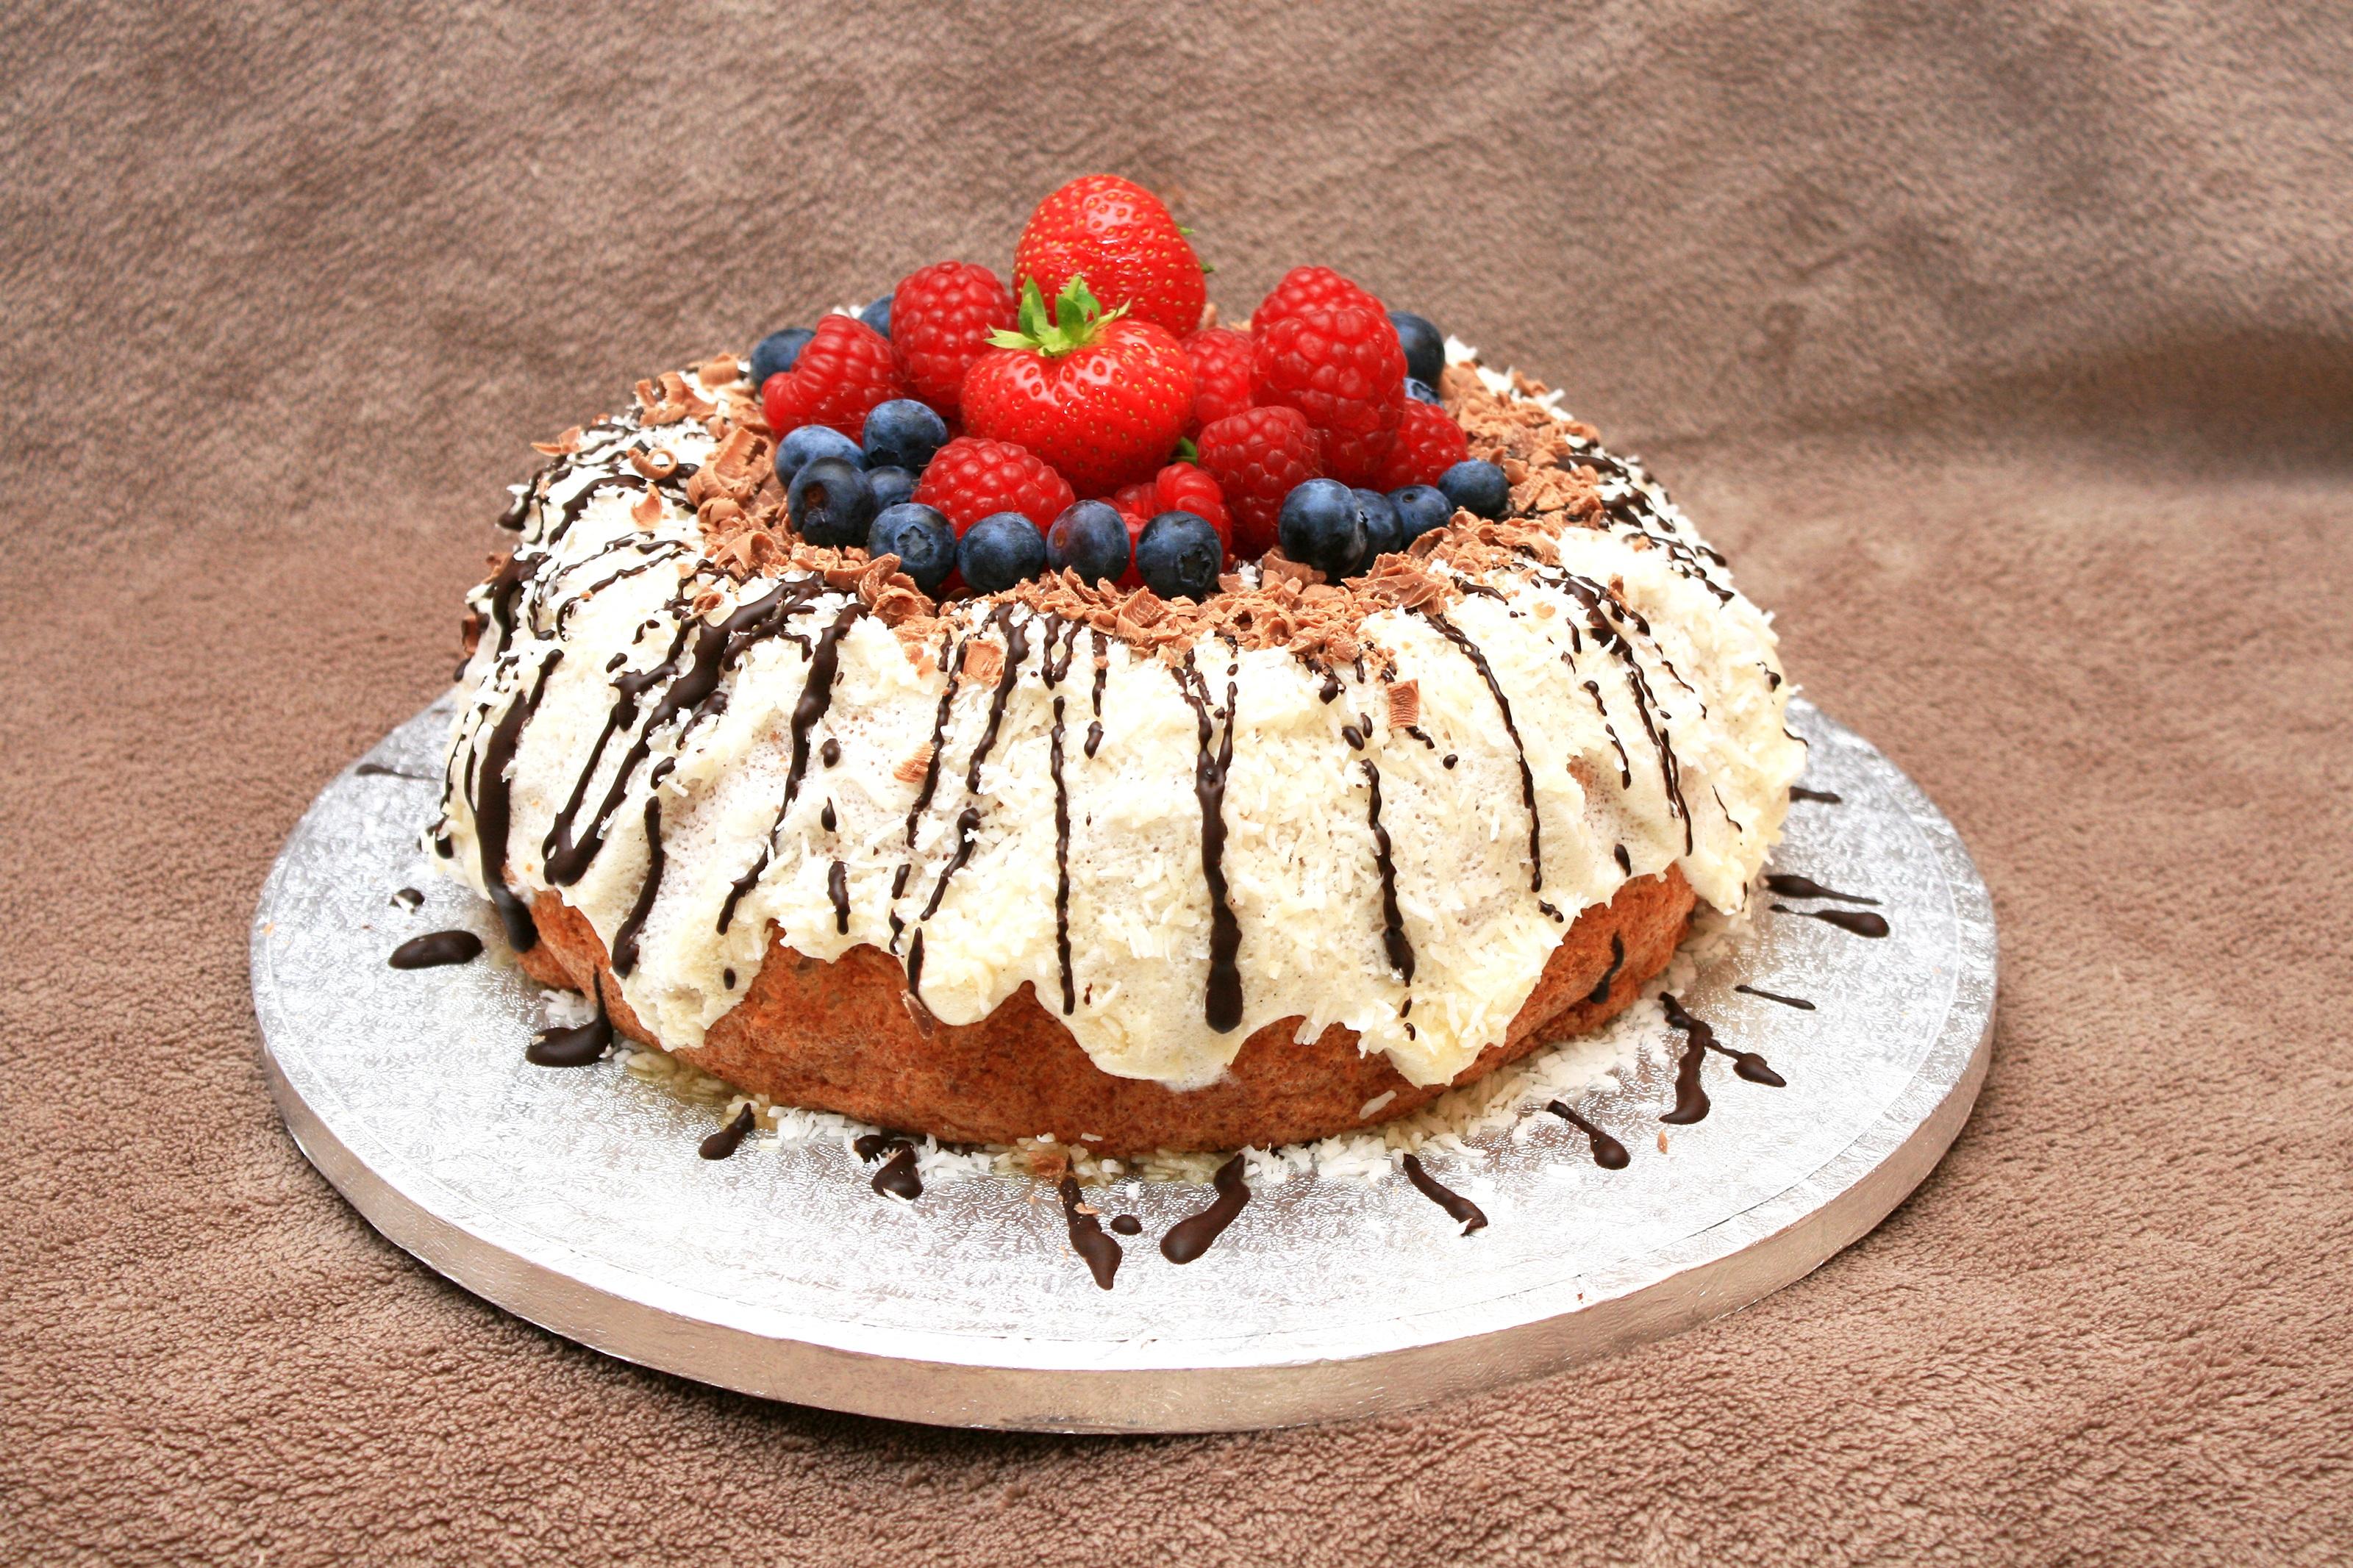 выпечка ягоды пирог cakes berries pie скачать